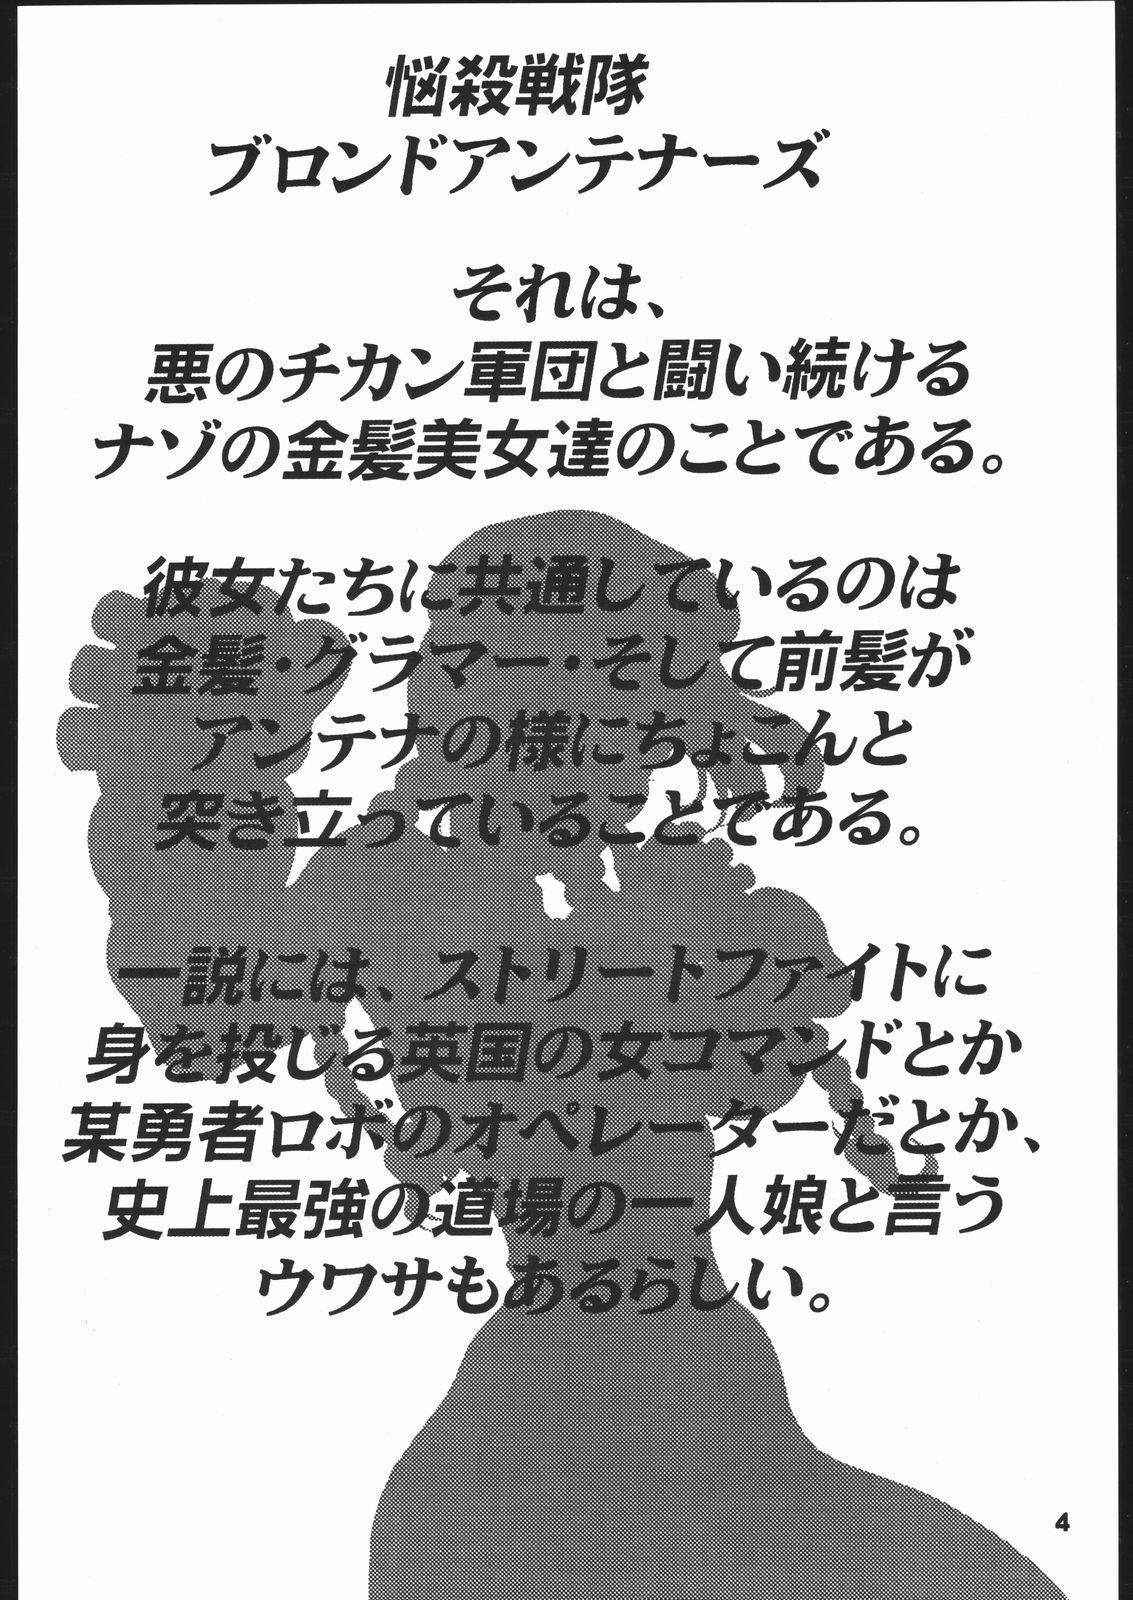 Nousatsu Sentai Blonde Antennas 2 - Yellow Alert 2